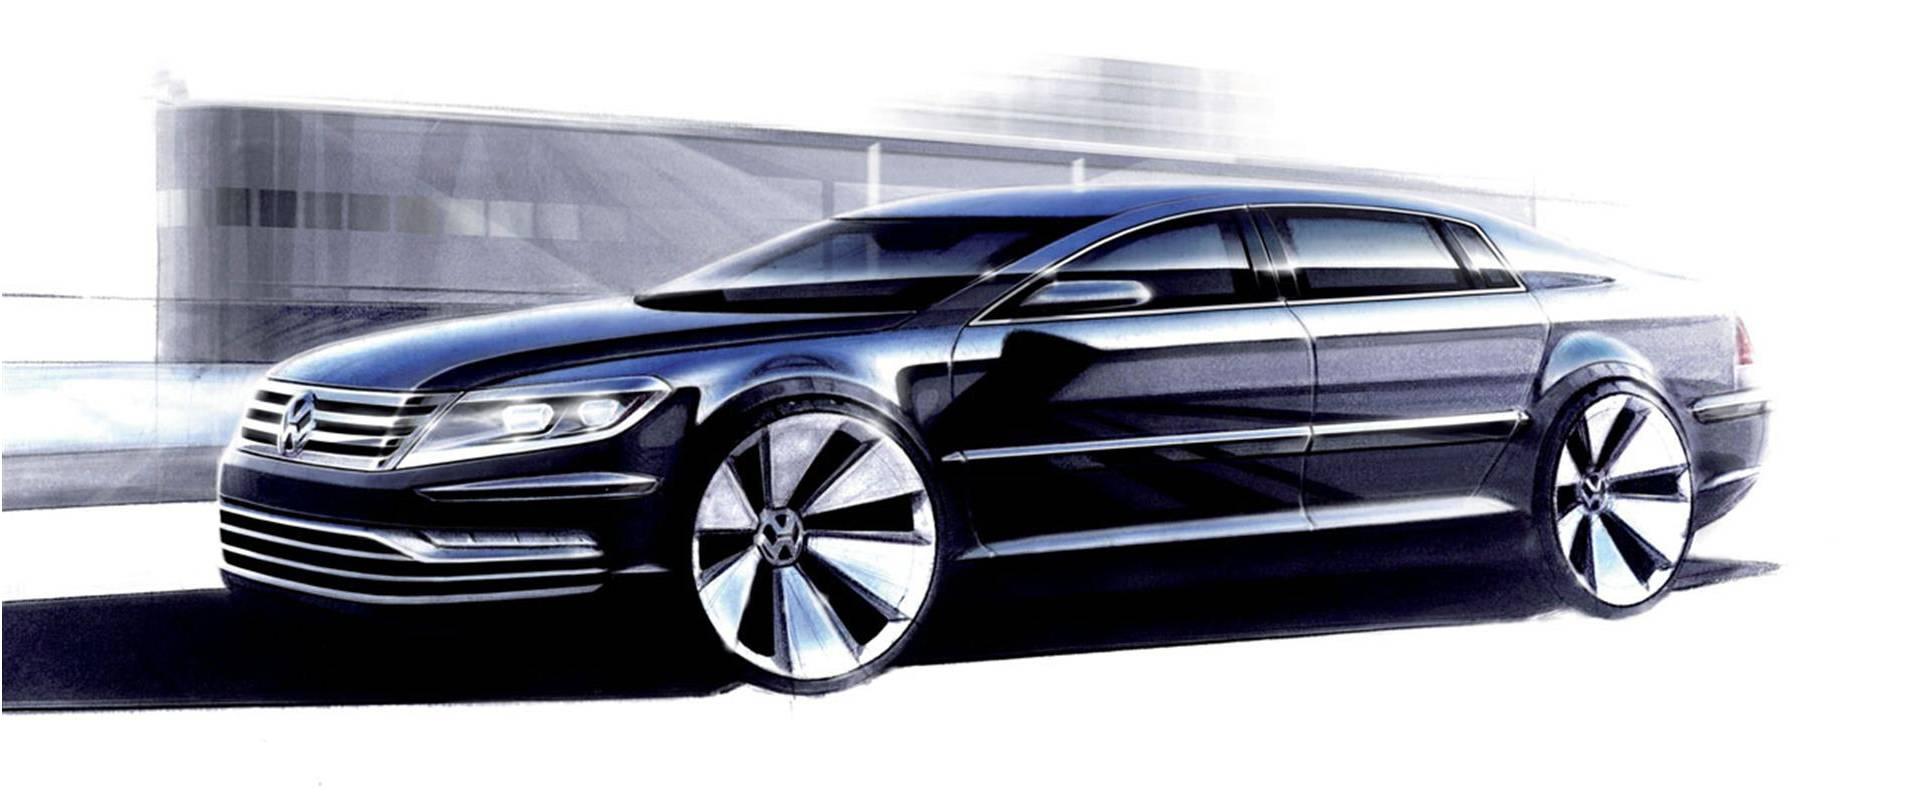 Novi VW Phaeton kasni zbog velikih troškova proizvodnje